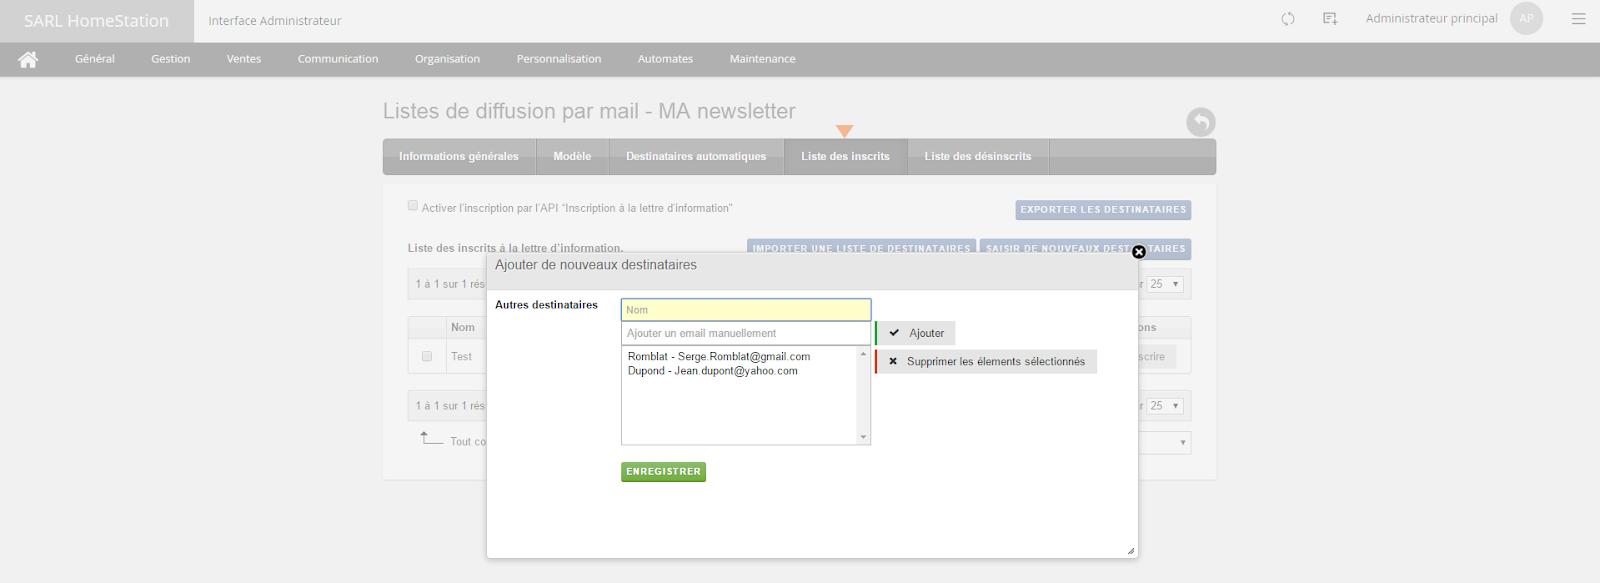 Listes de diffusion par mail -MA newsletter listeInscrit.png